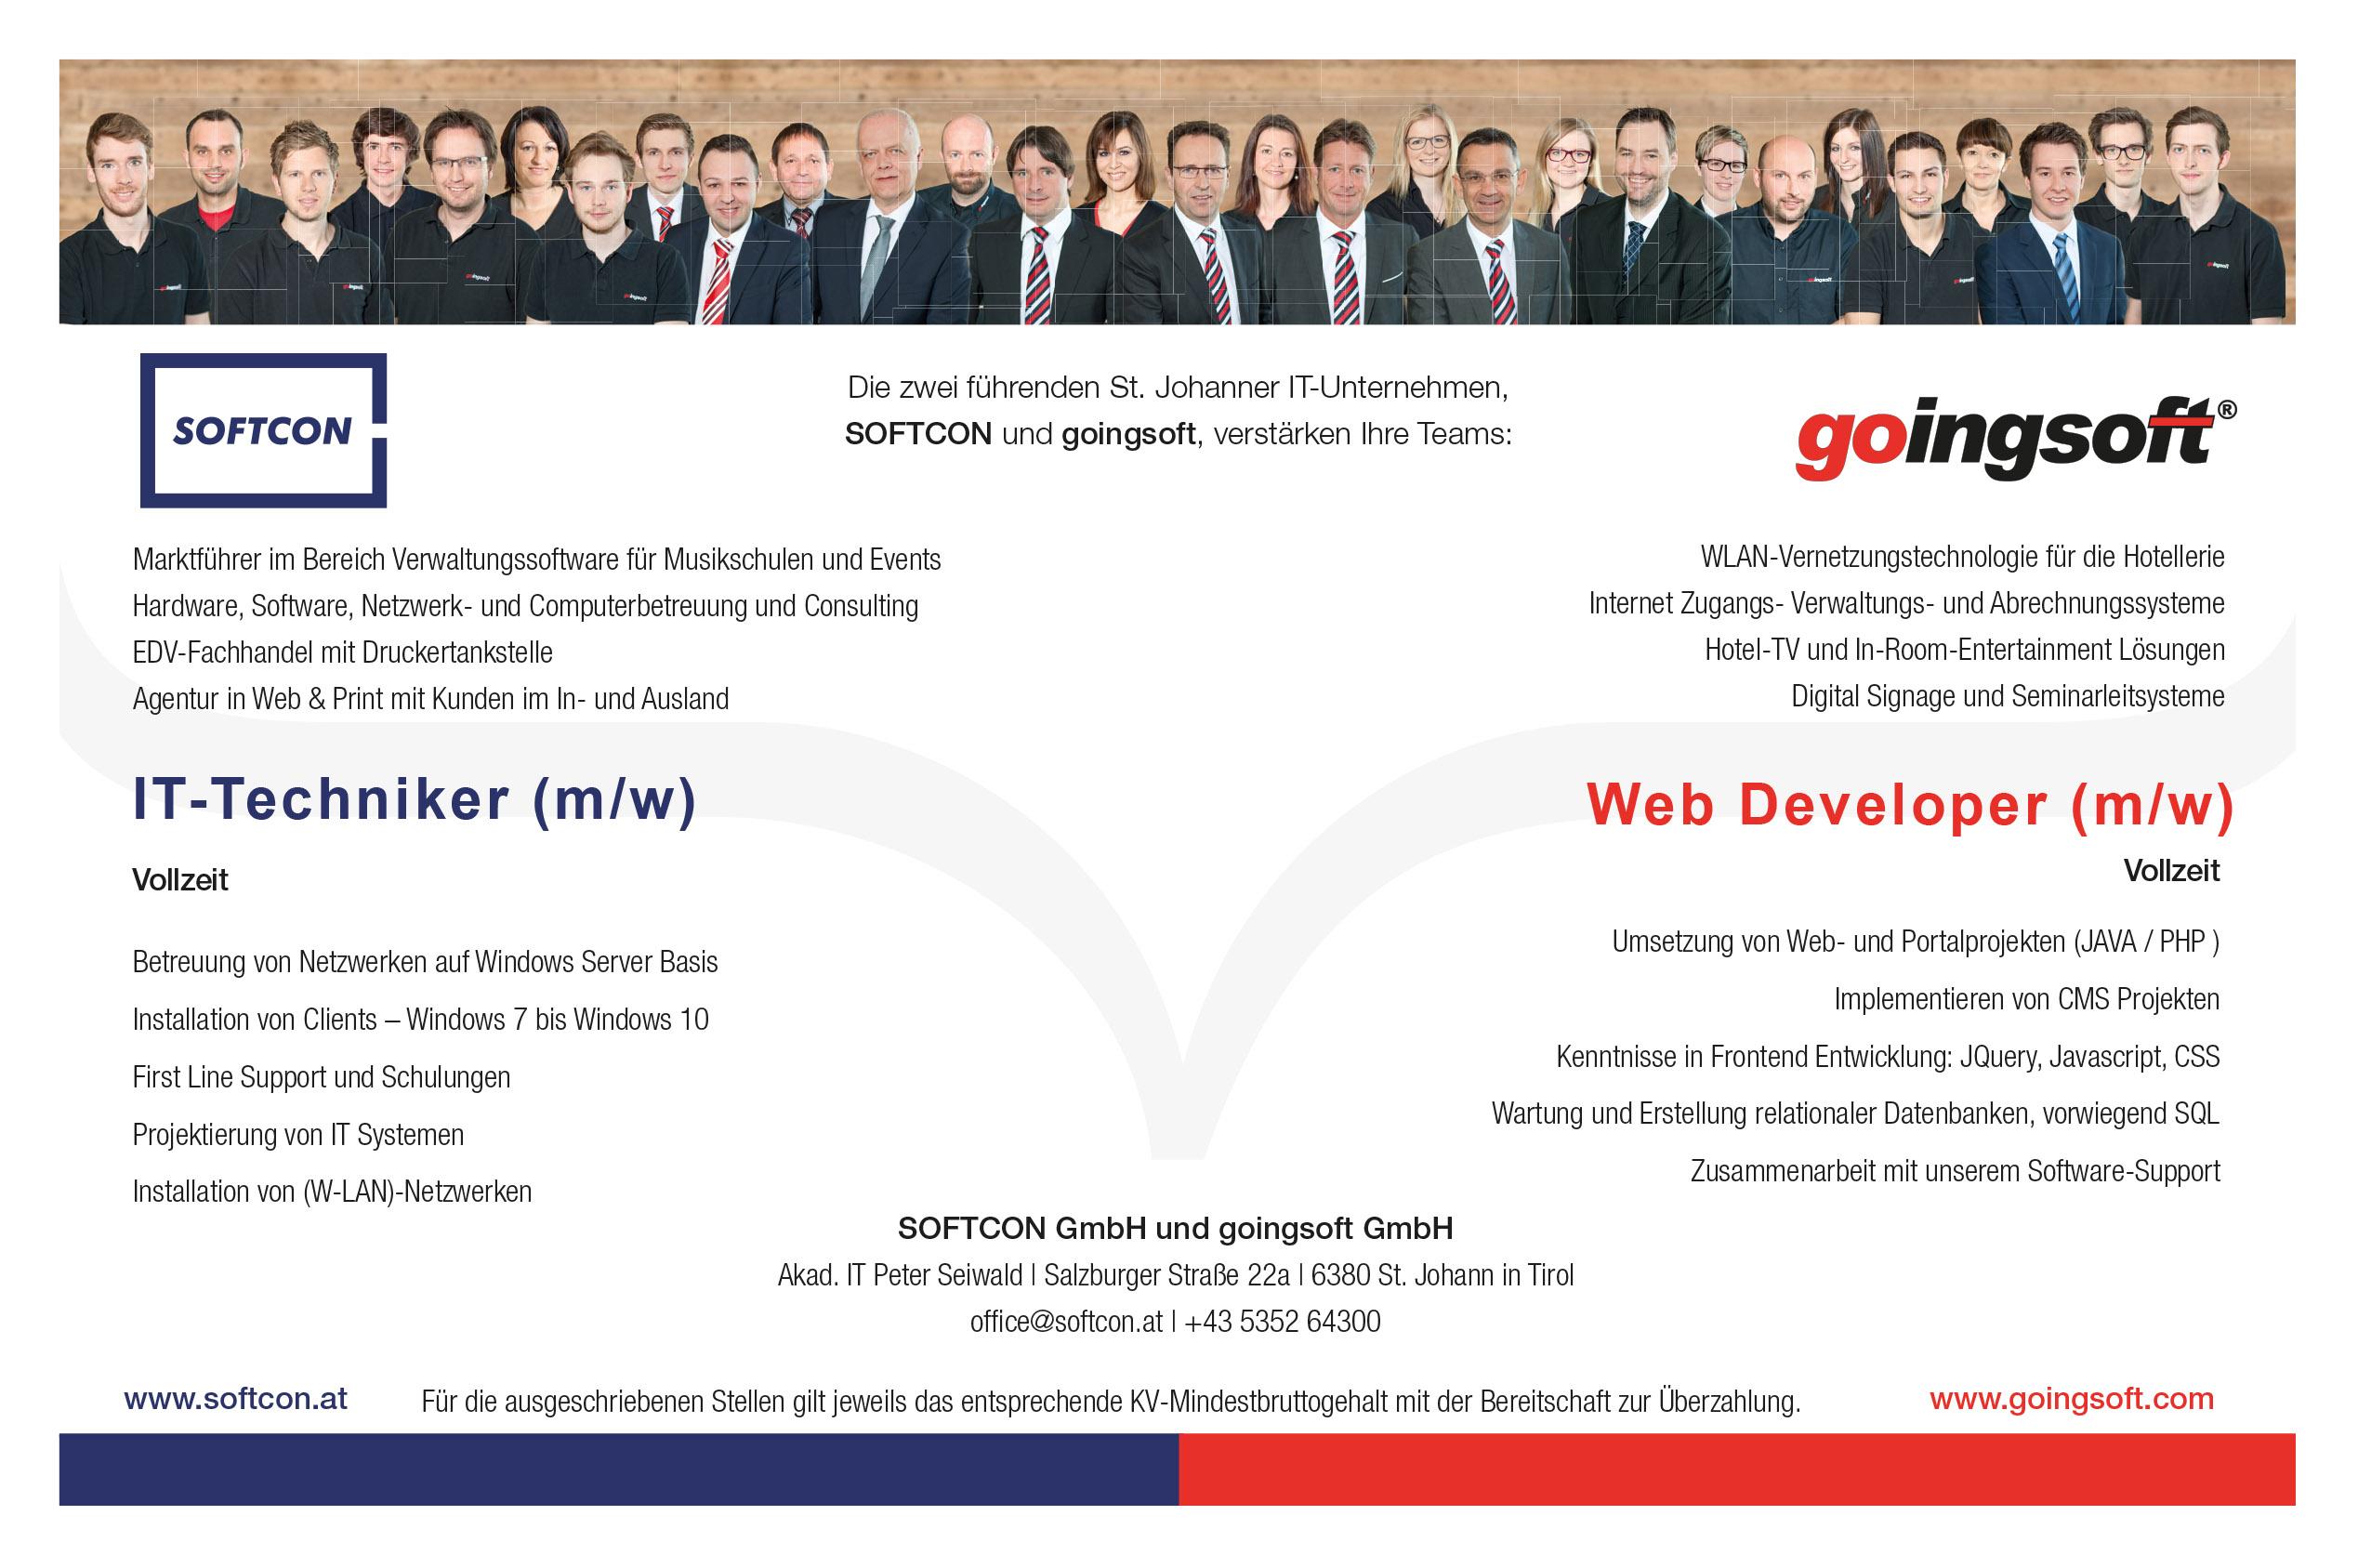 Die zwei führenden St. Johanner IT- Unternehmen, SOFTCON und goingsoft, verstärken Ihre Teams